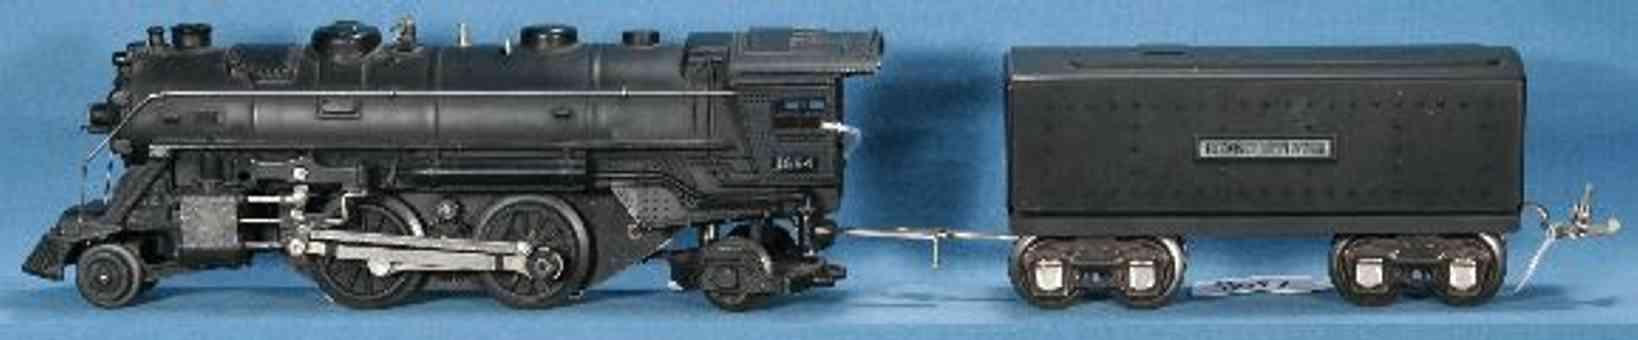 lionel 1664E/III spielzeug eisenbahn damplokomotive 1689t mit tender in schwarz spur 0